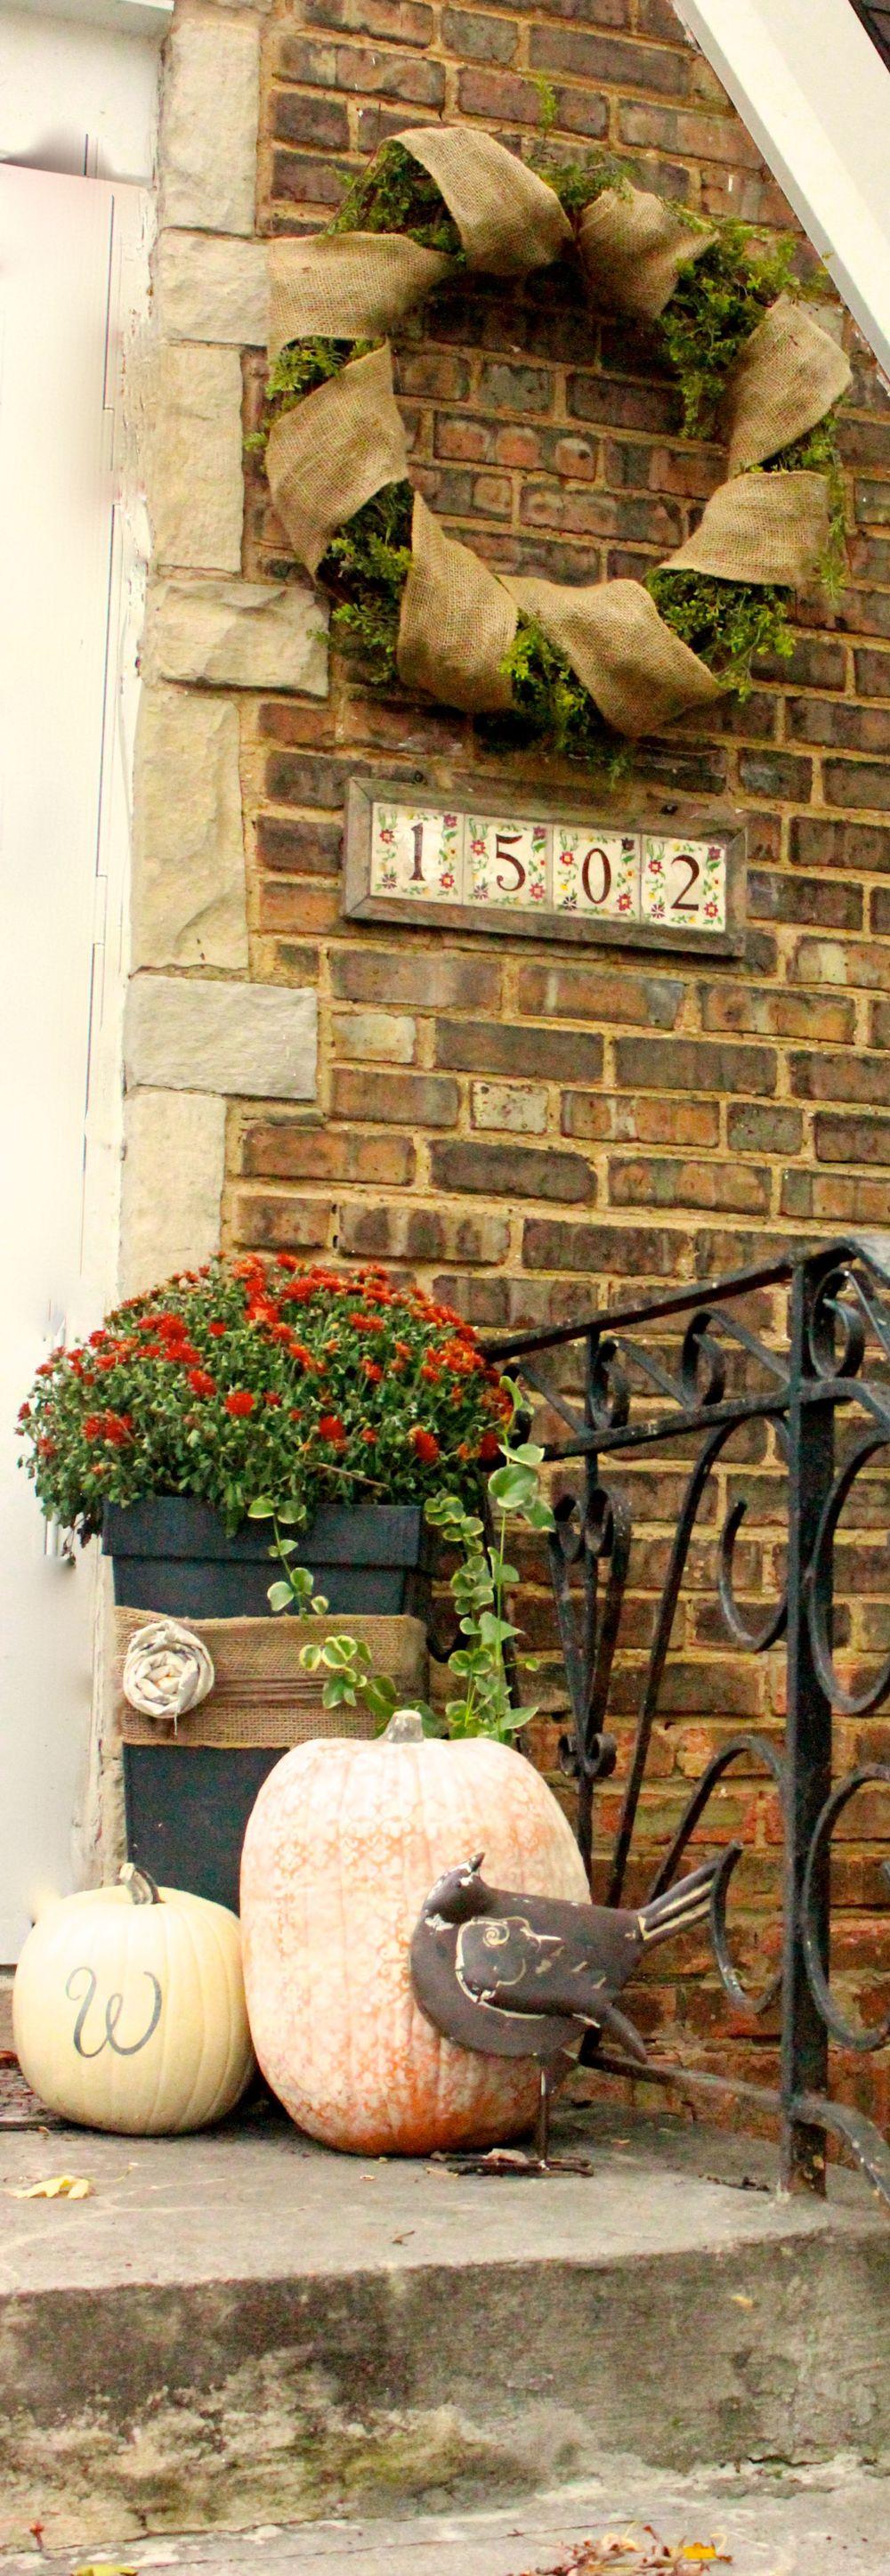 flower arrangement home decor allium rustic arrangement.htm haevin style blog     haevin  haevin style blog     haevin